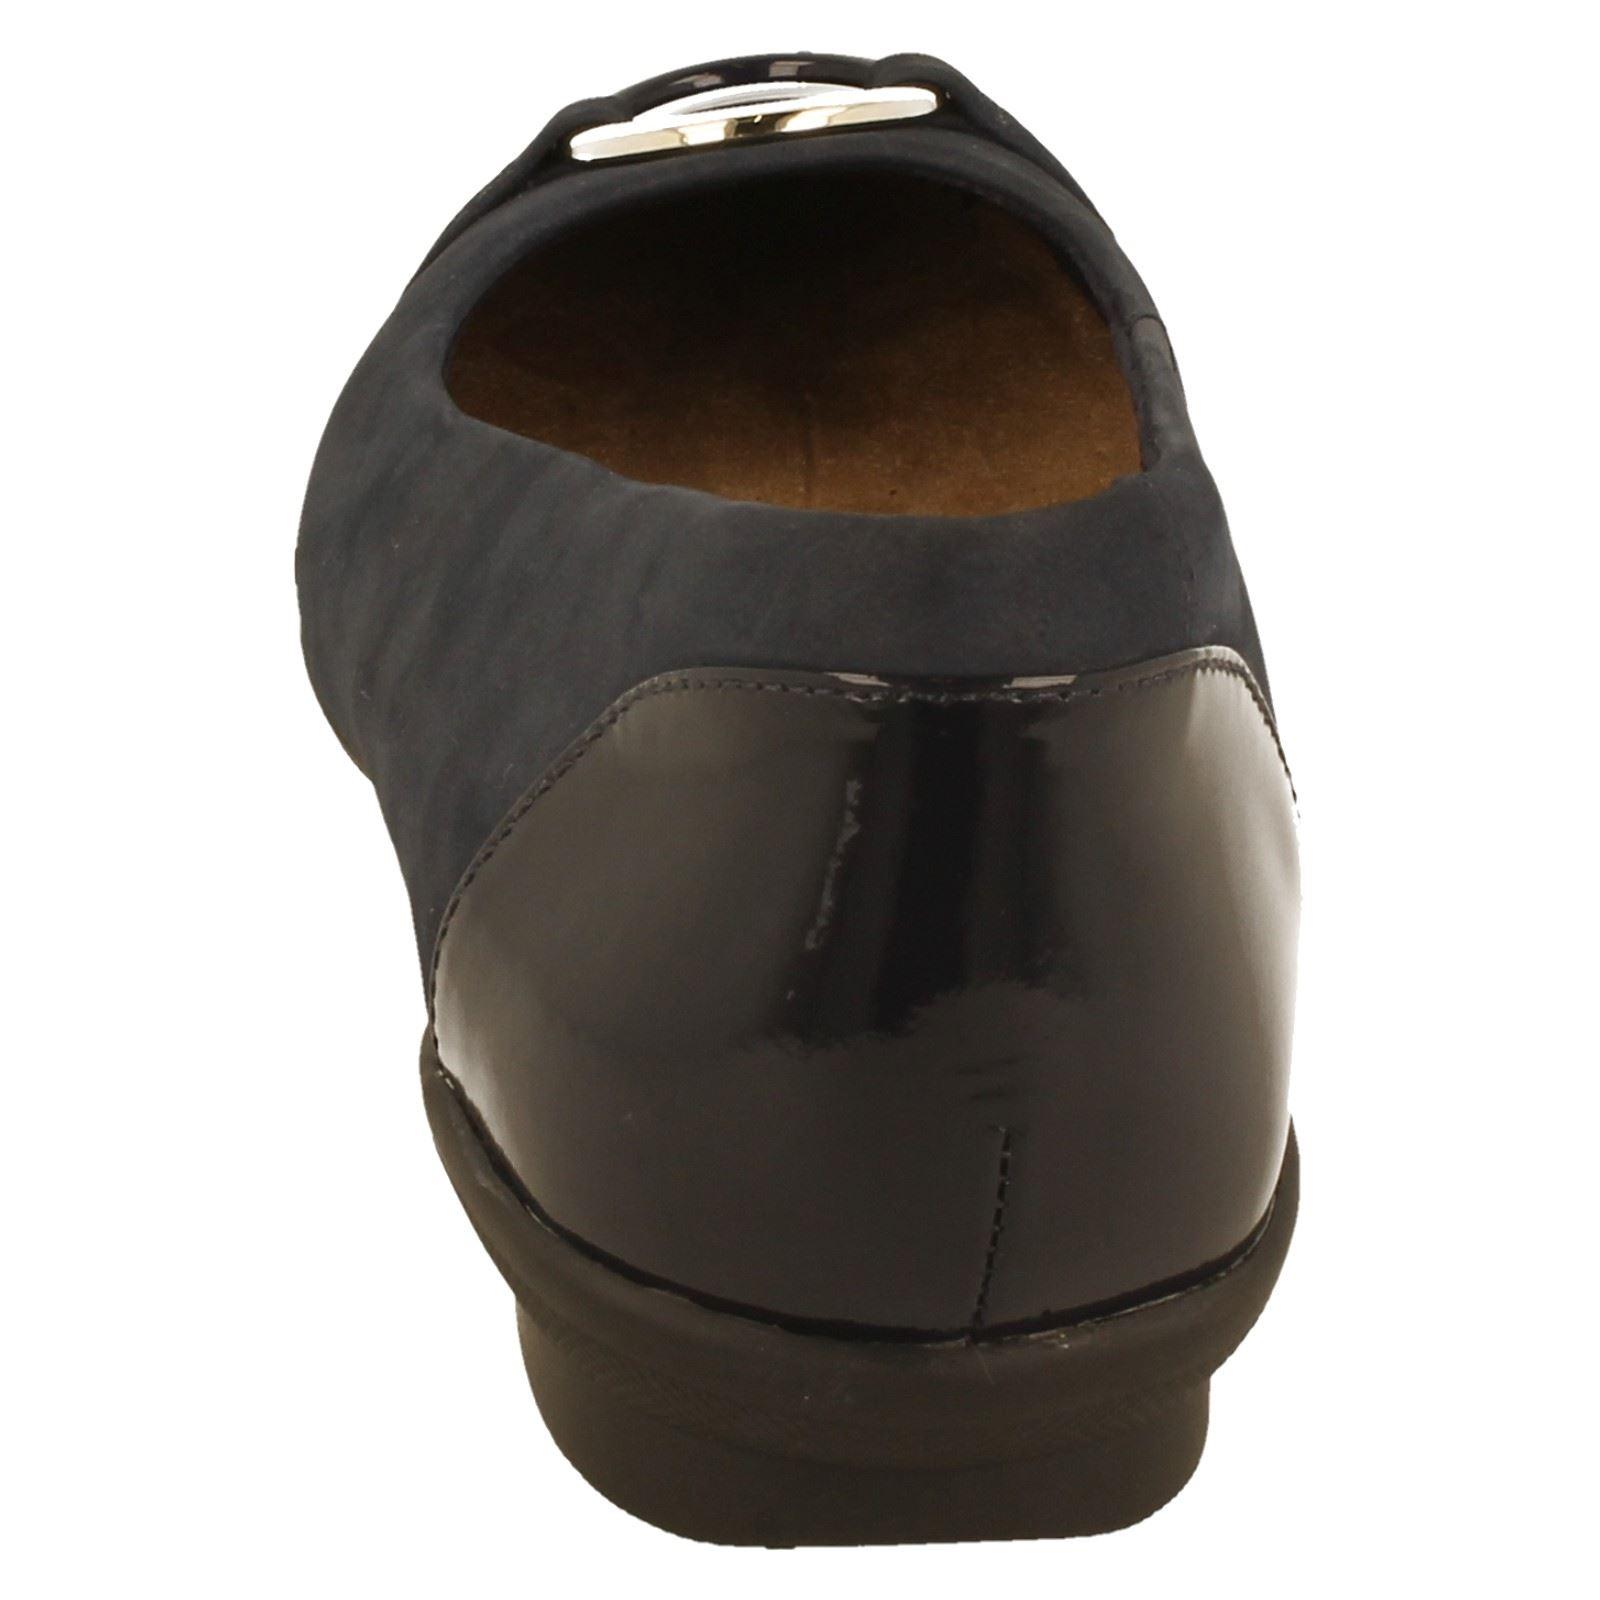 Damen Unstrukturierte von Clarks ohne Bügel Smart Schuhe Wein The Style - Neenah Wein Schuhe 8a1eed